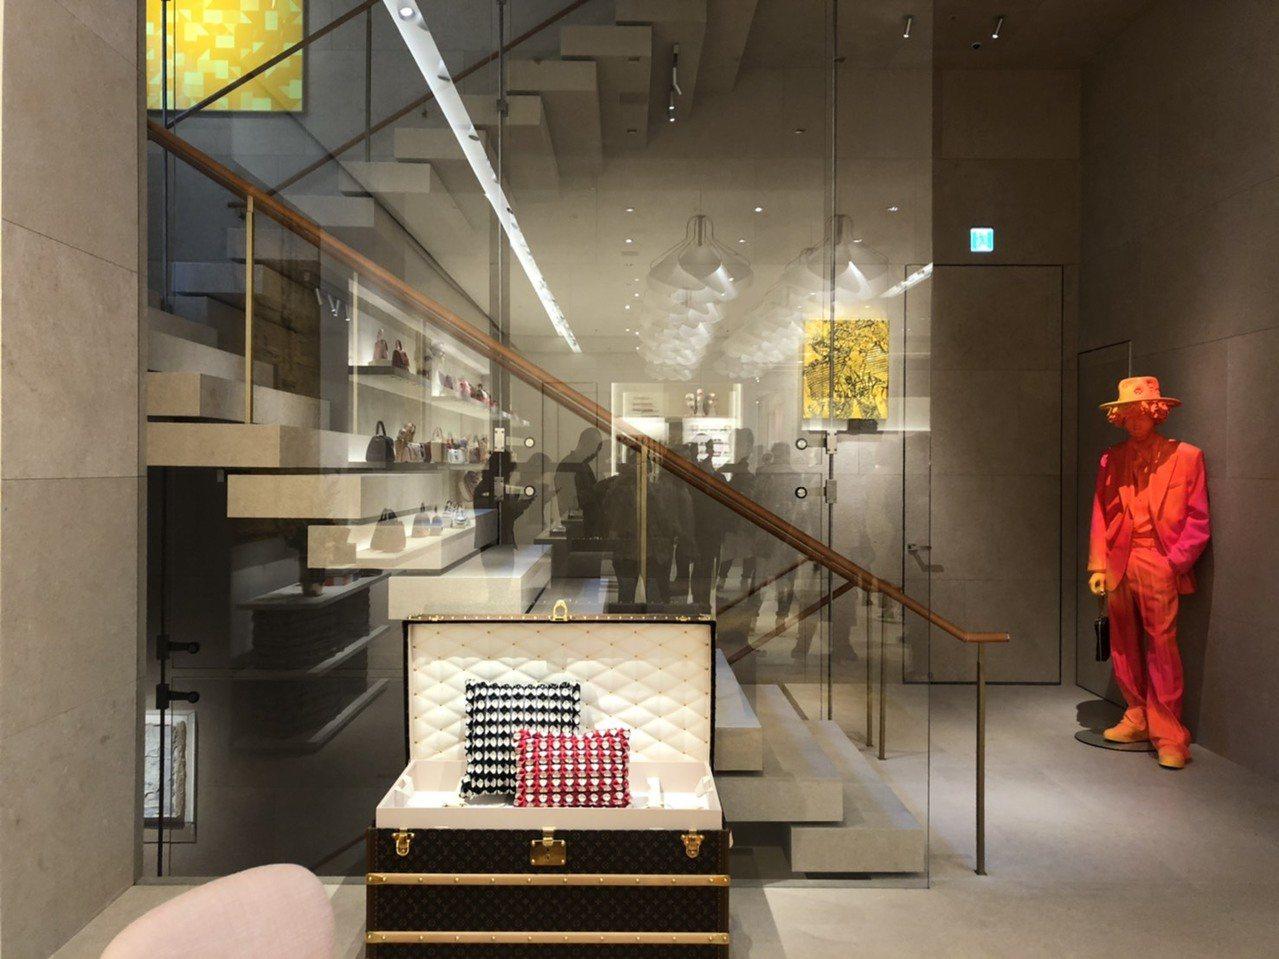 首爾旗艦店的梯間宛如垂直藝廊,轉角牆面懸掛了當代藝術家畫作。記者楊詩涵/攝影